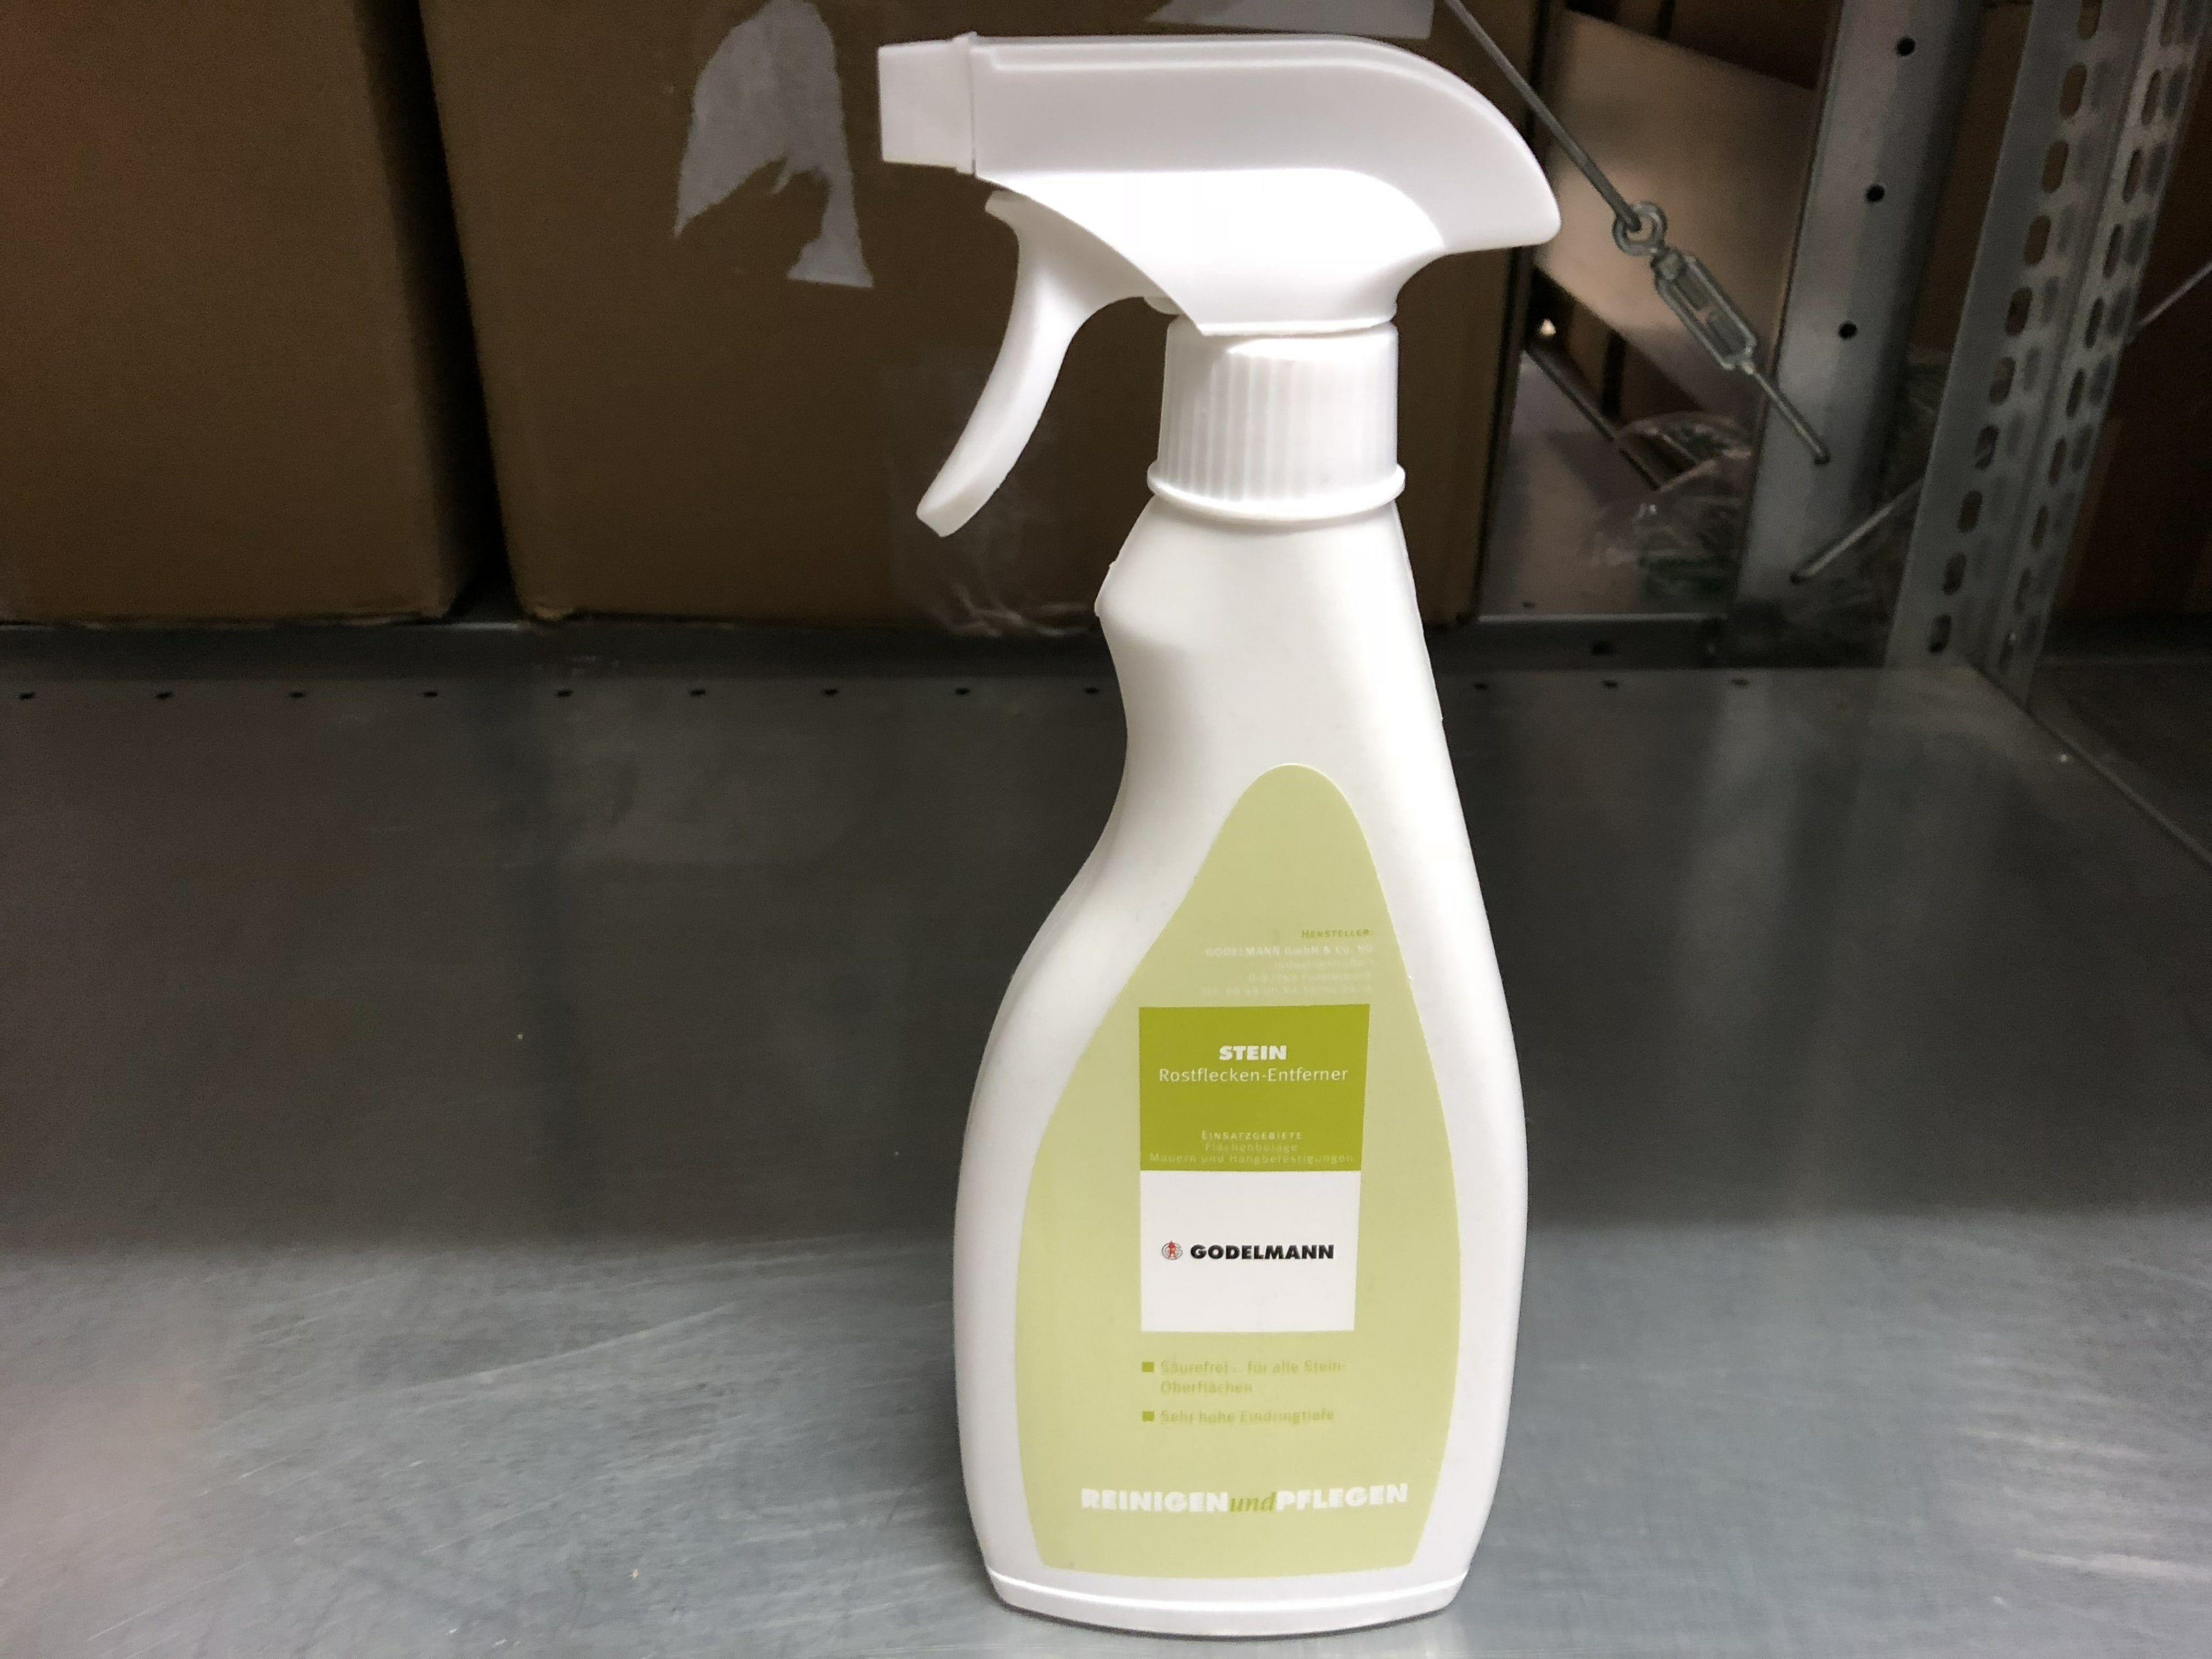 Rostflecken-Entferner 500 ml